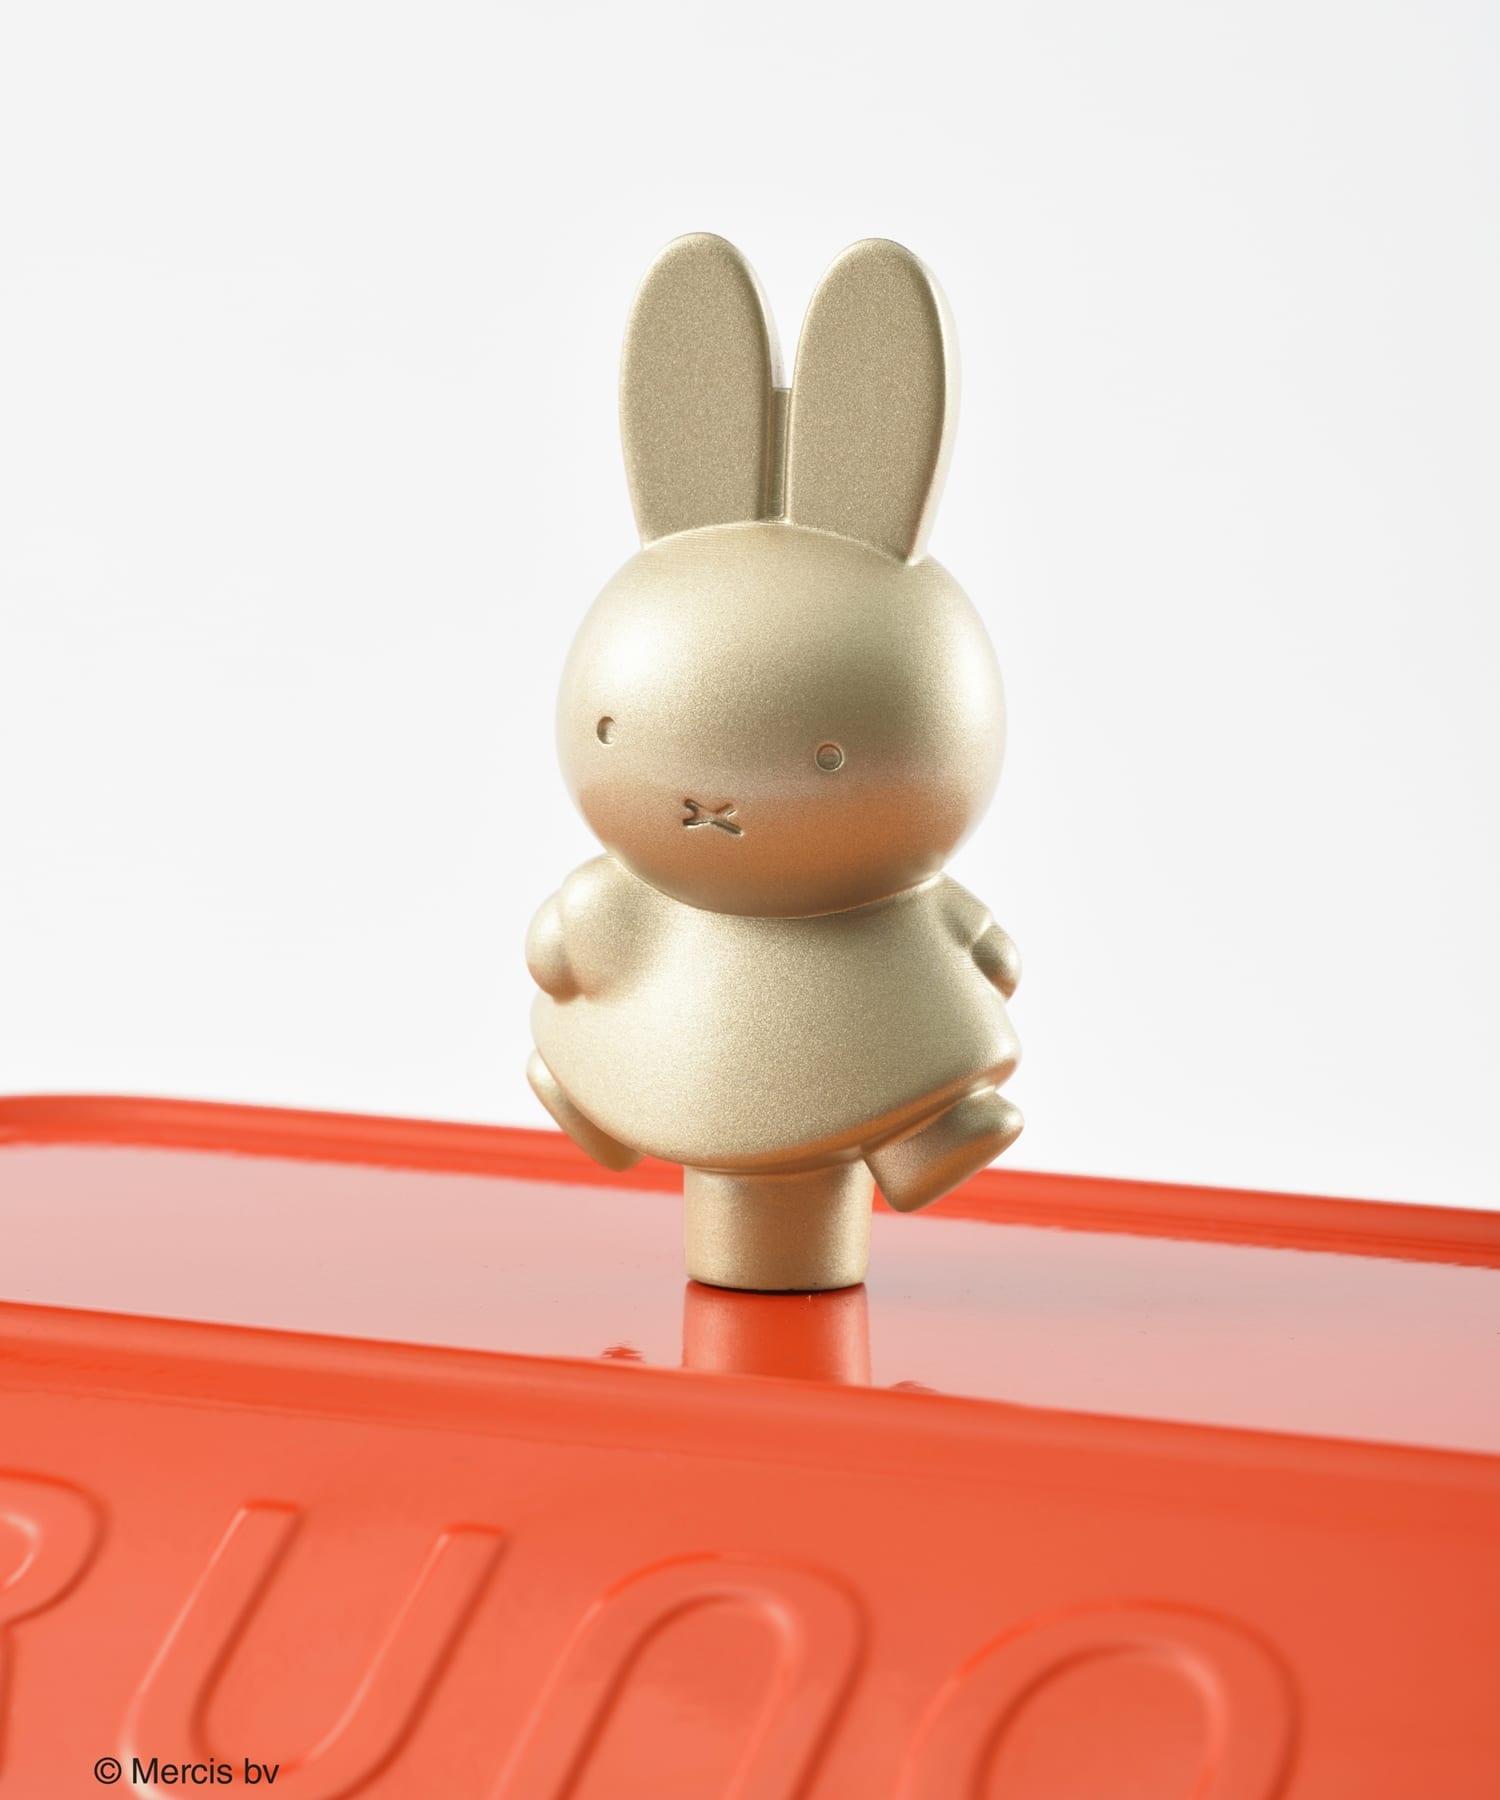 BIRTHDAY BAR(バースデイバー) 【BRUNO ブルーノ】Miffy コンパクトホットプレート